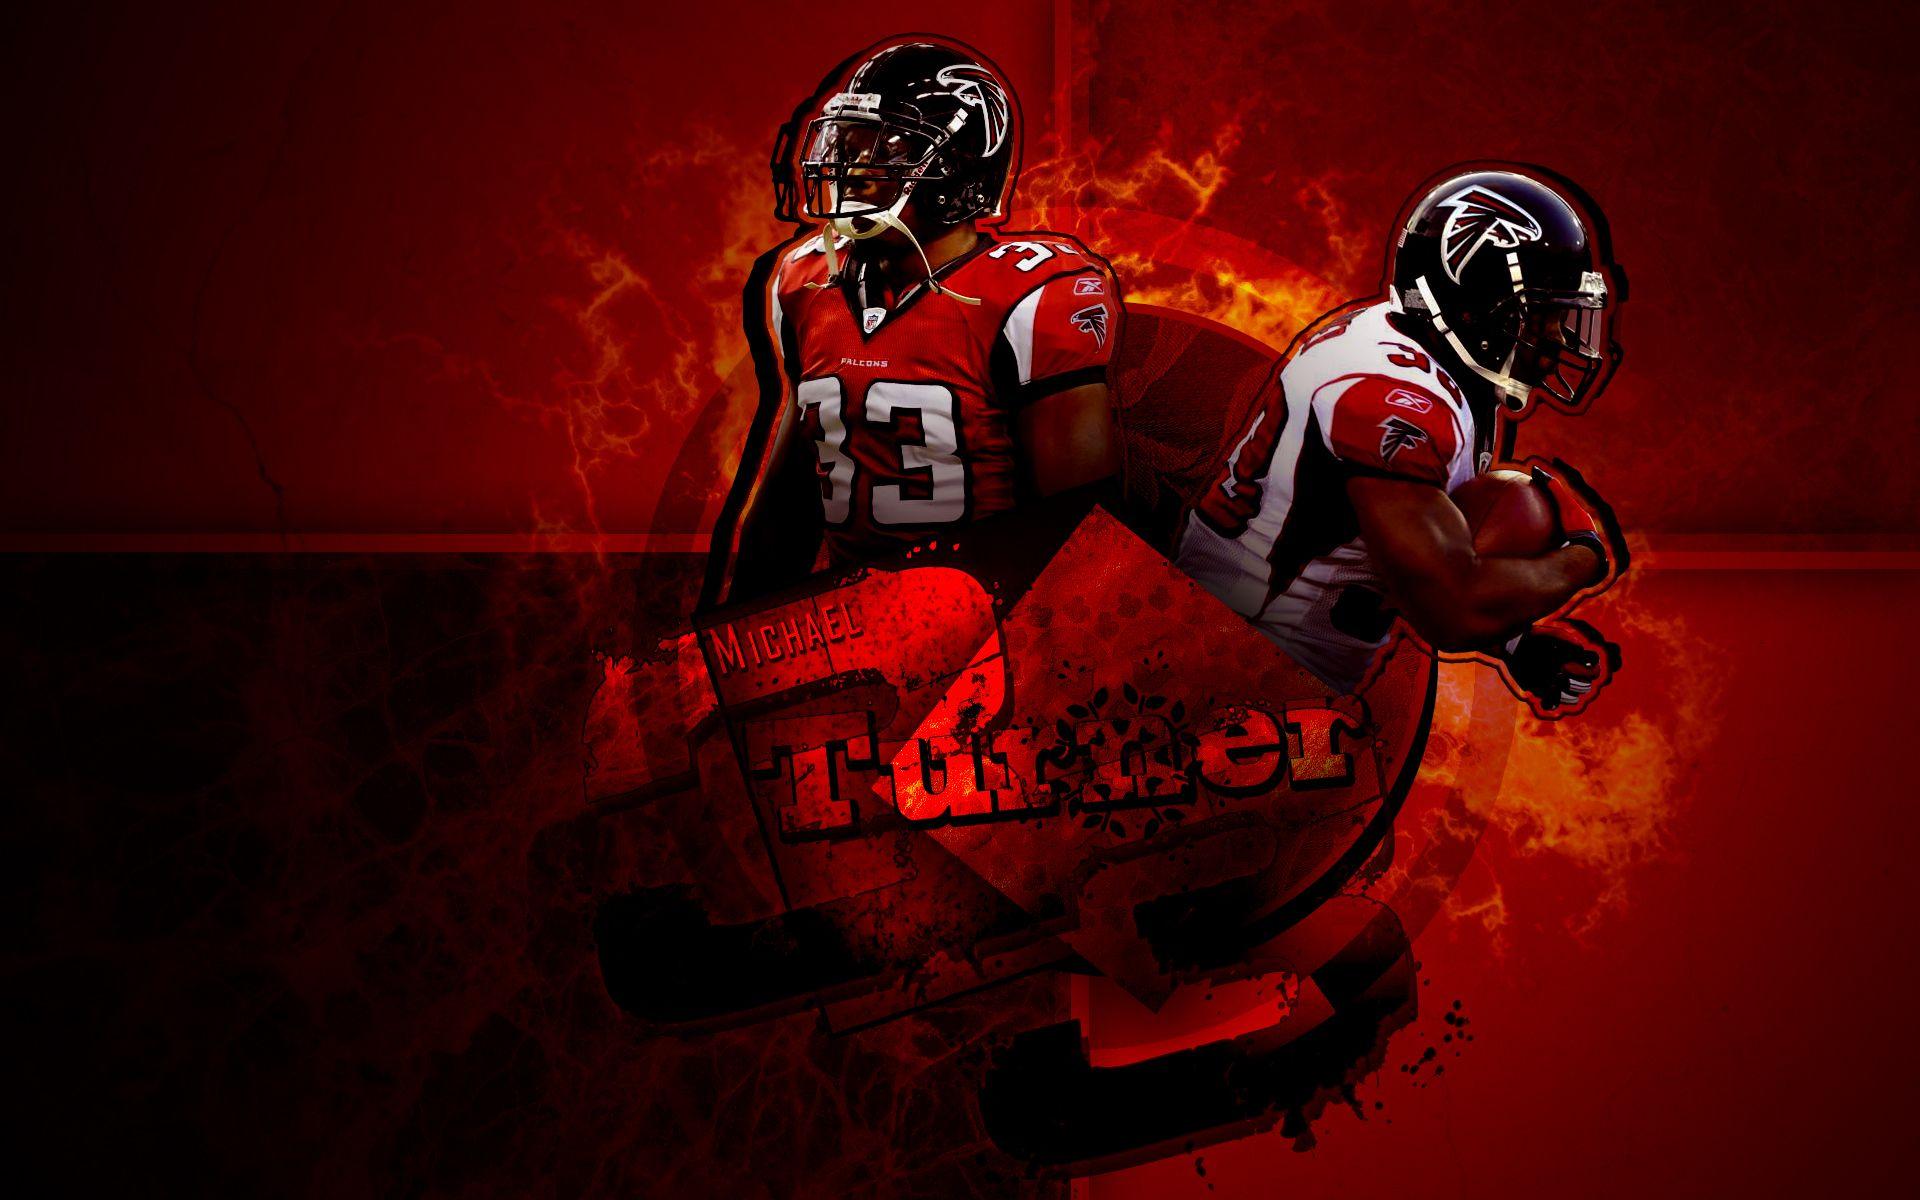 Atlanta Falcons Wallpaper Nfl Football Wallpaper Atlanta Falcons Wallpaper Football Wallpaper